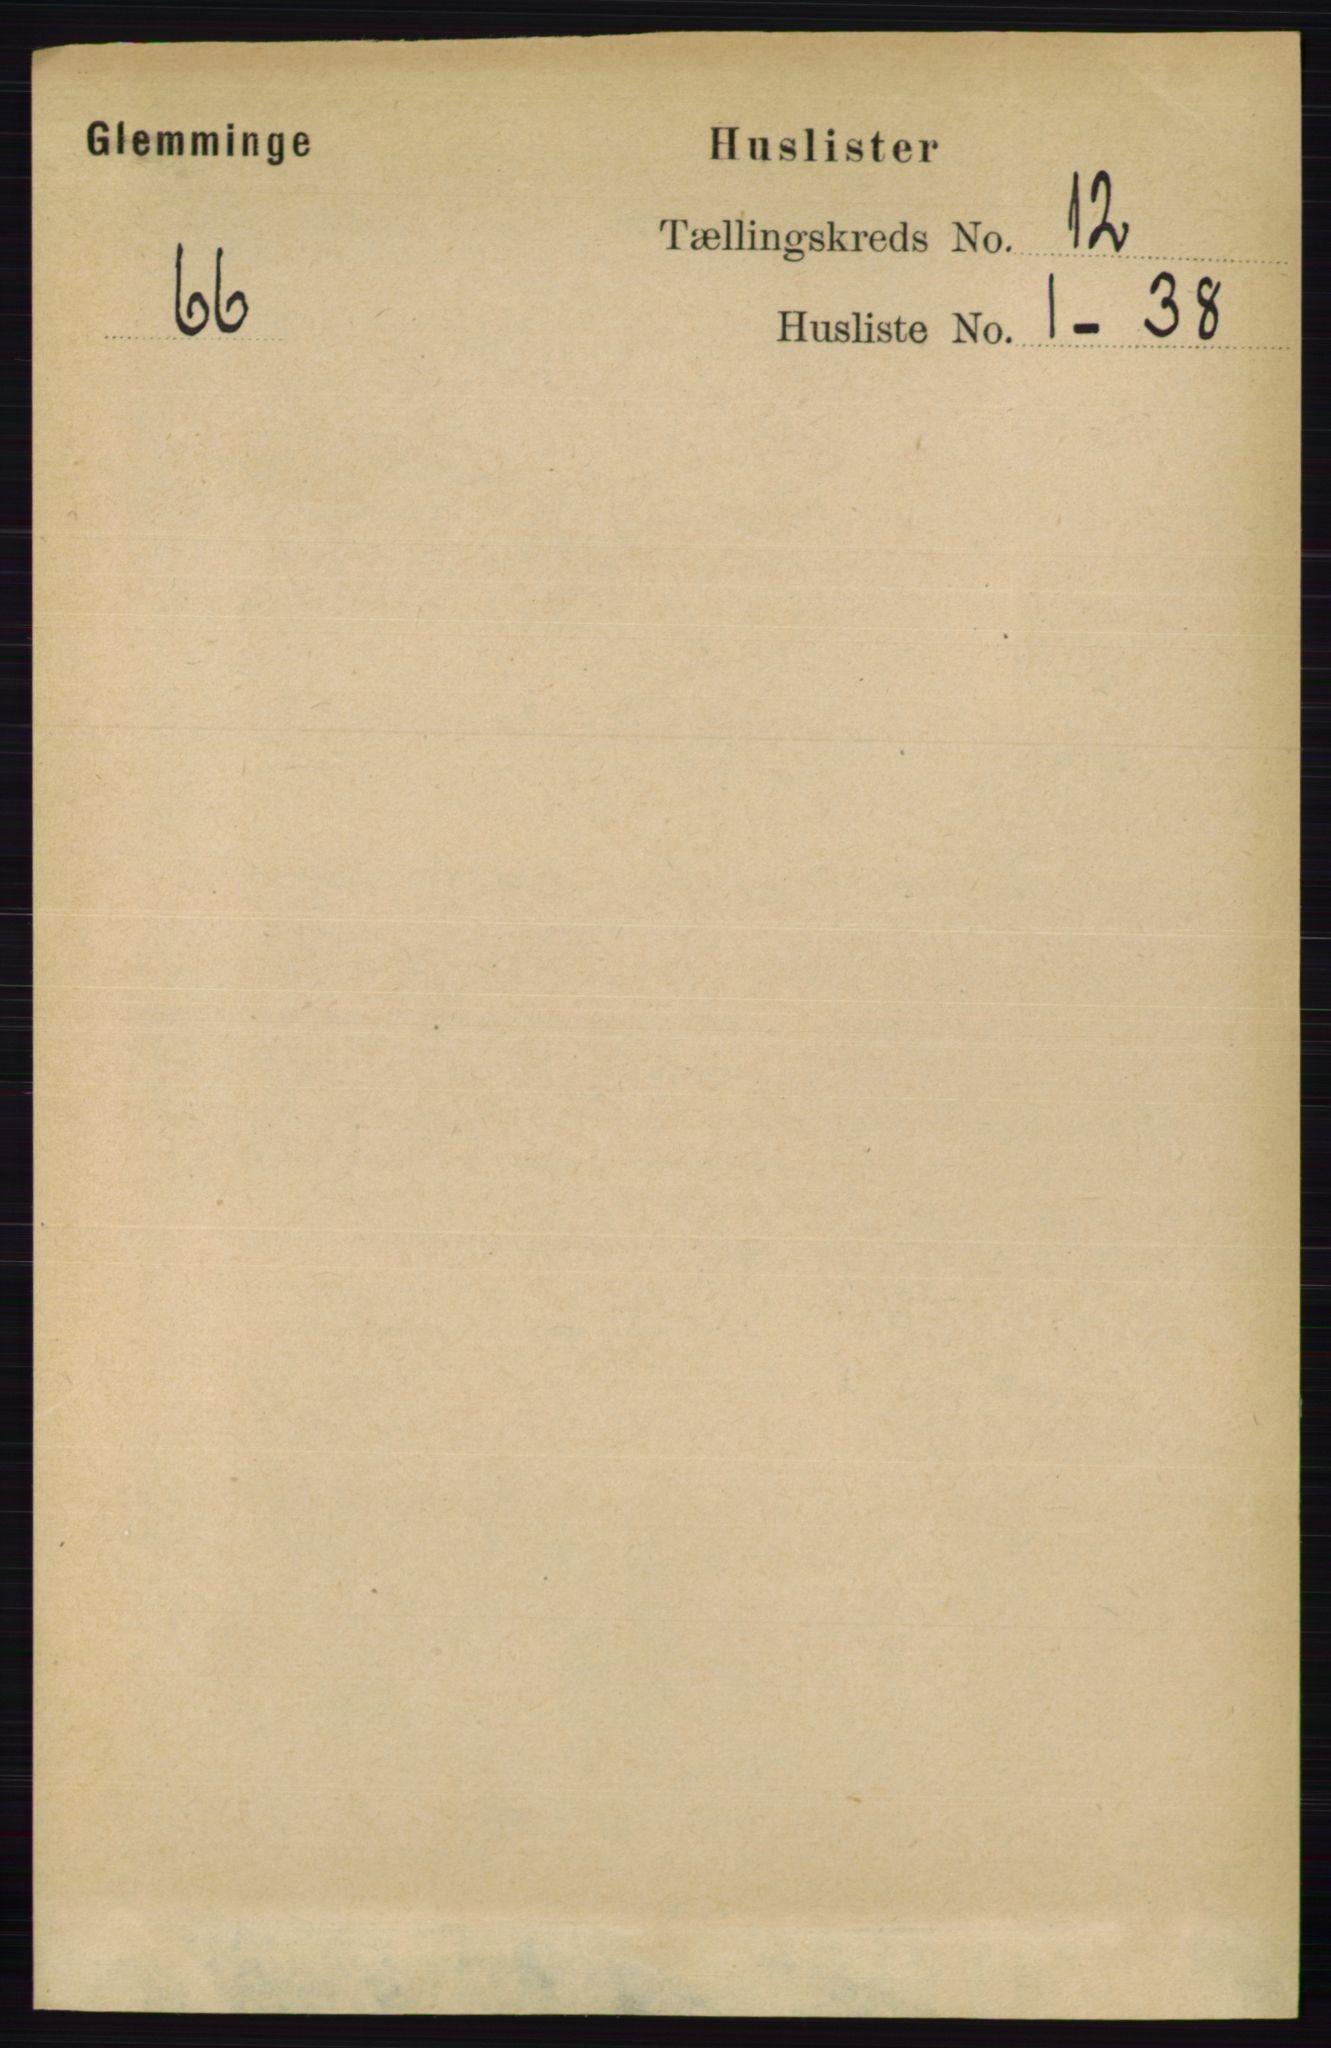 RA, Folketelling 1891 for 0132 Glemmen herred, 1891, s. 10792